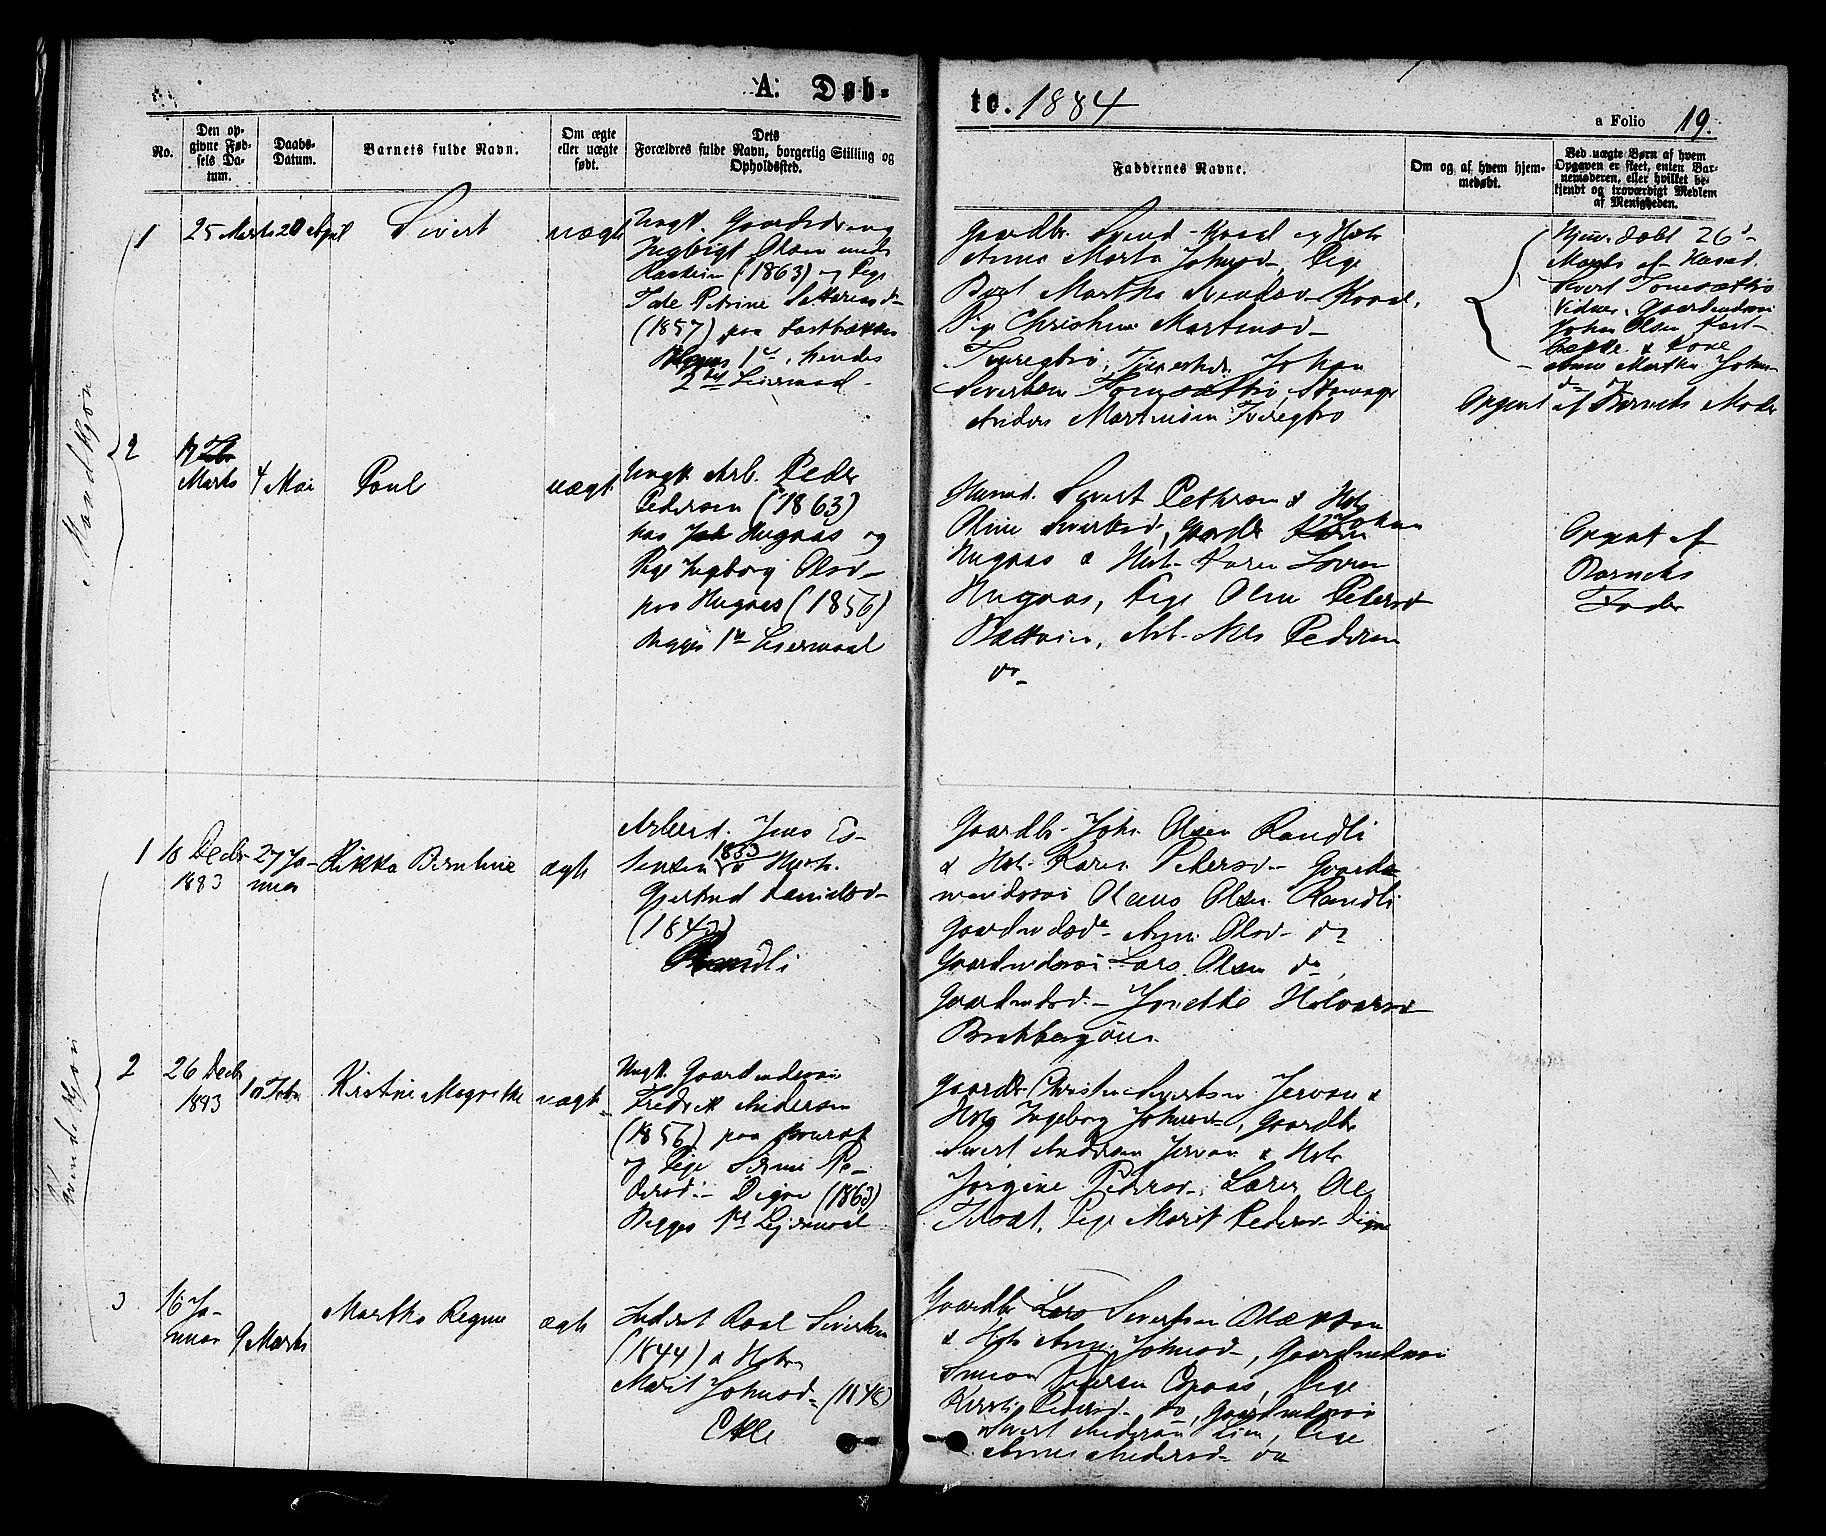 SAT, Ministerialprotokoller, klokkerbøker og fødselsregistre - Sør-Trøndelag, 608/L0334: Ministerialbok nr. 608A03, 1877-1886, s. 19